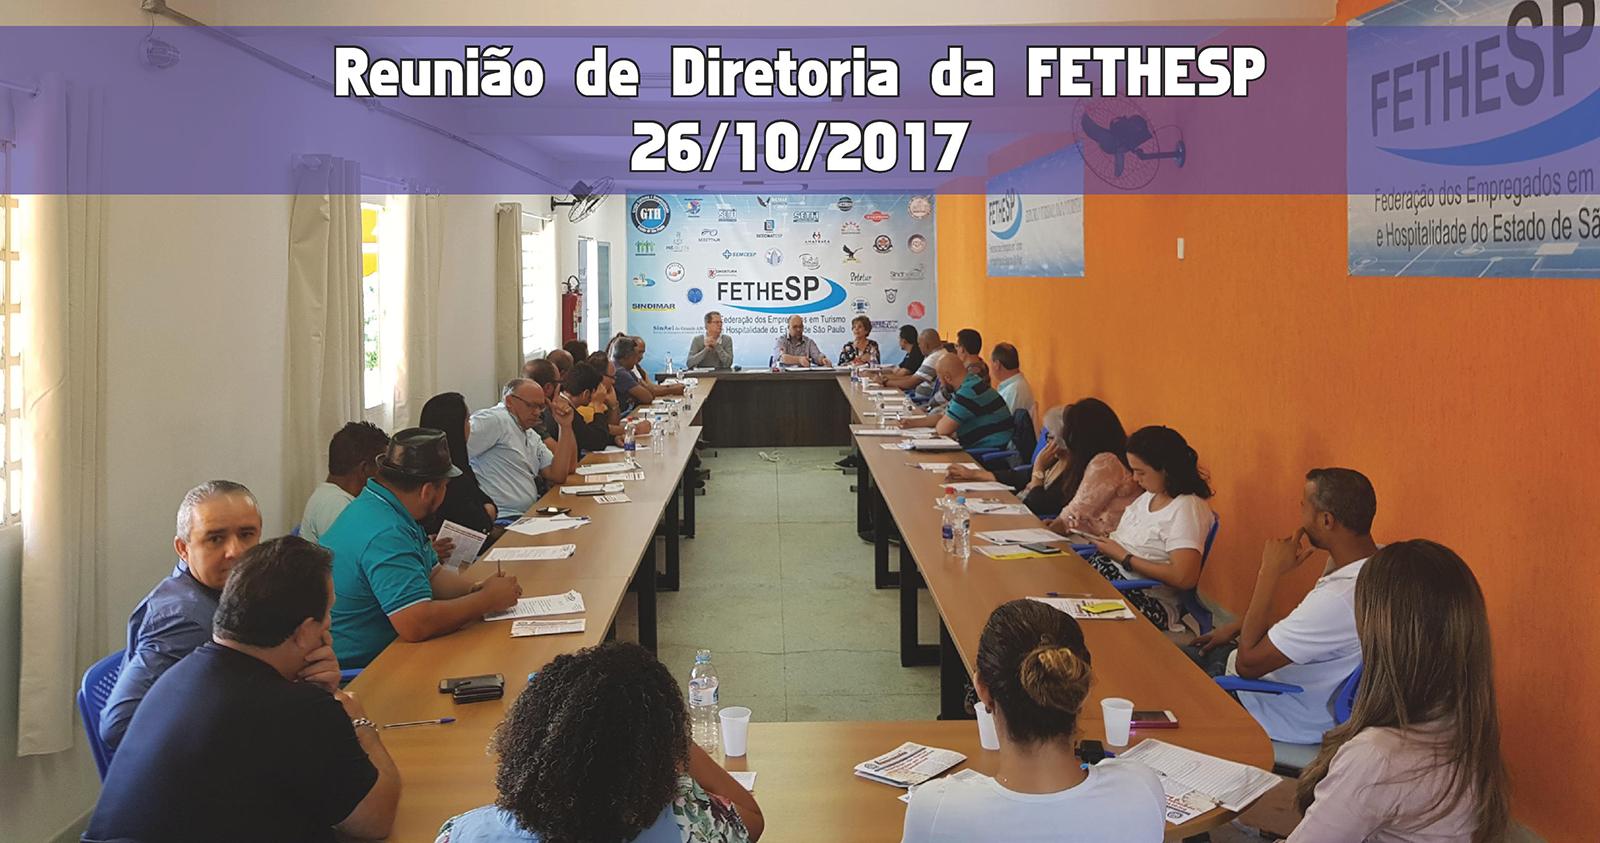 Reunião de Diretoria da FETHESP - 26/10/2017